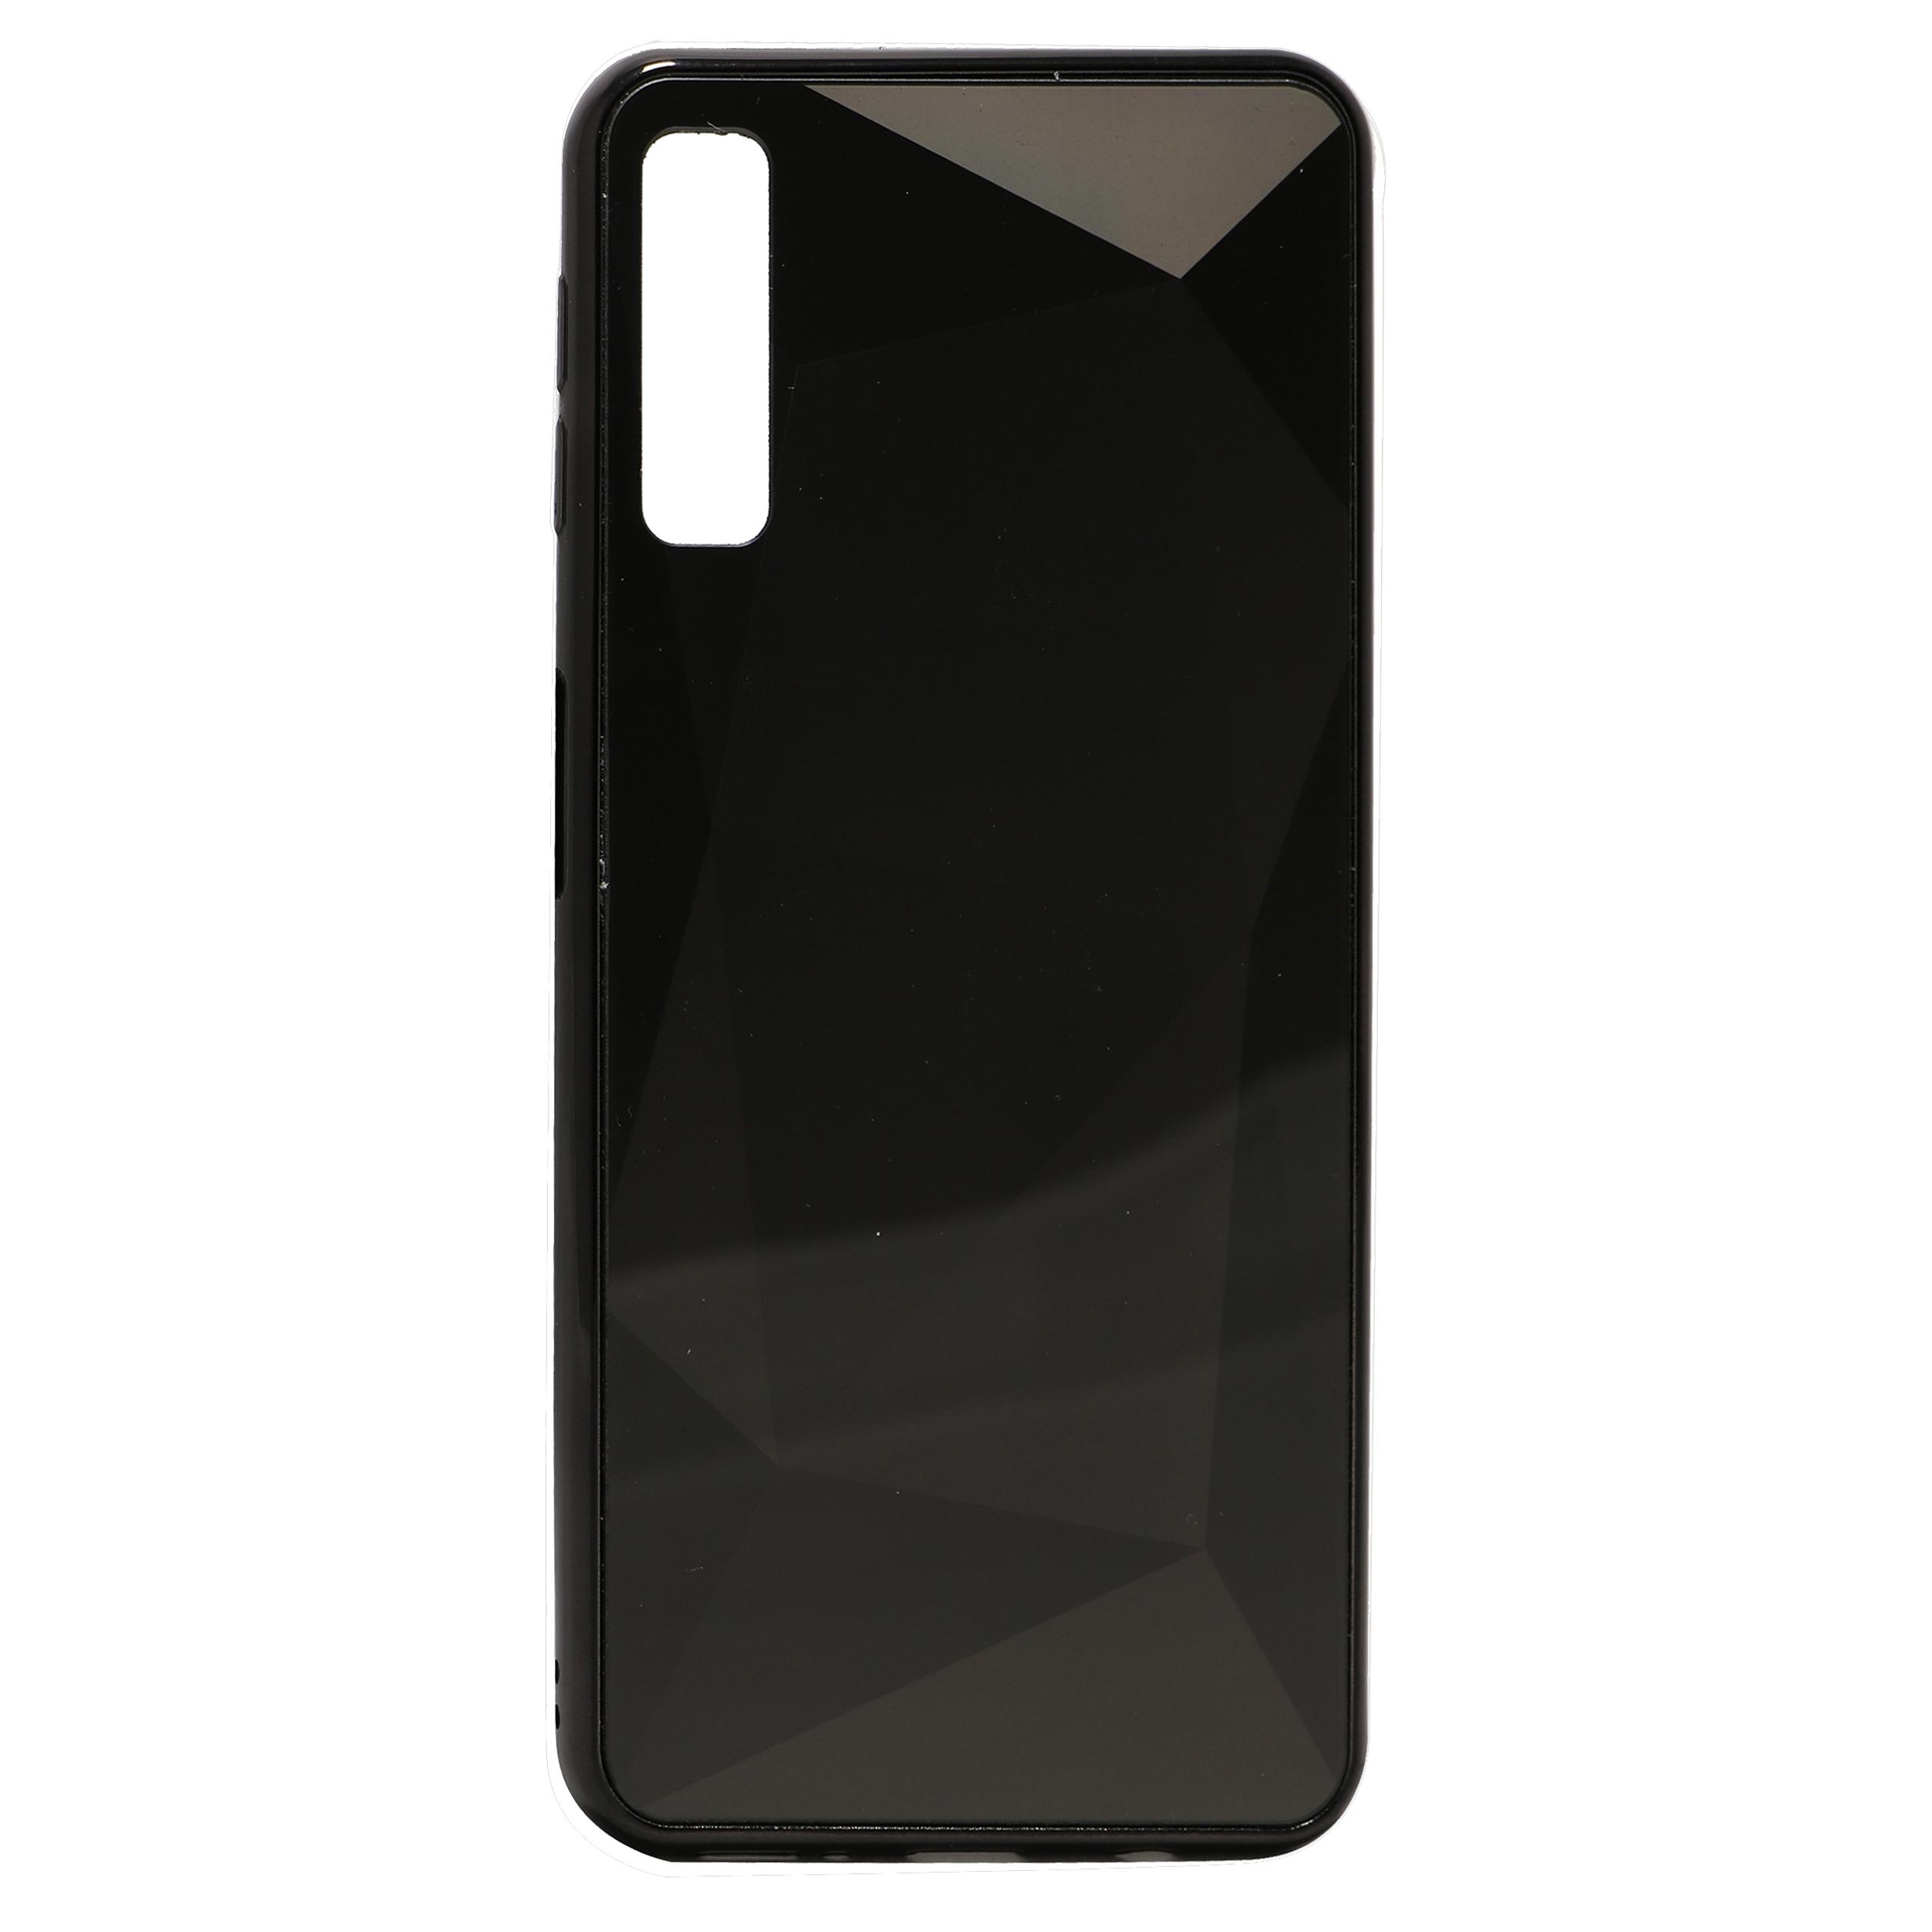 کاور مدل pg3d-h1 مناسب برای گوشی موبایل سامسونگ galaxy A7 2018